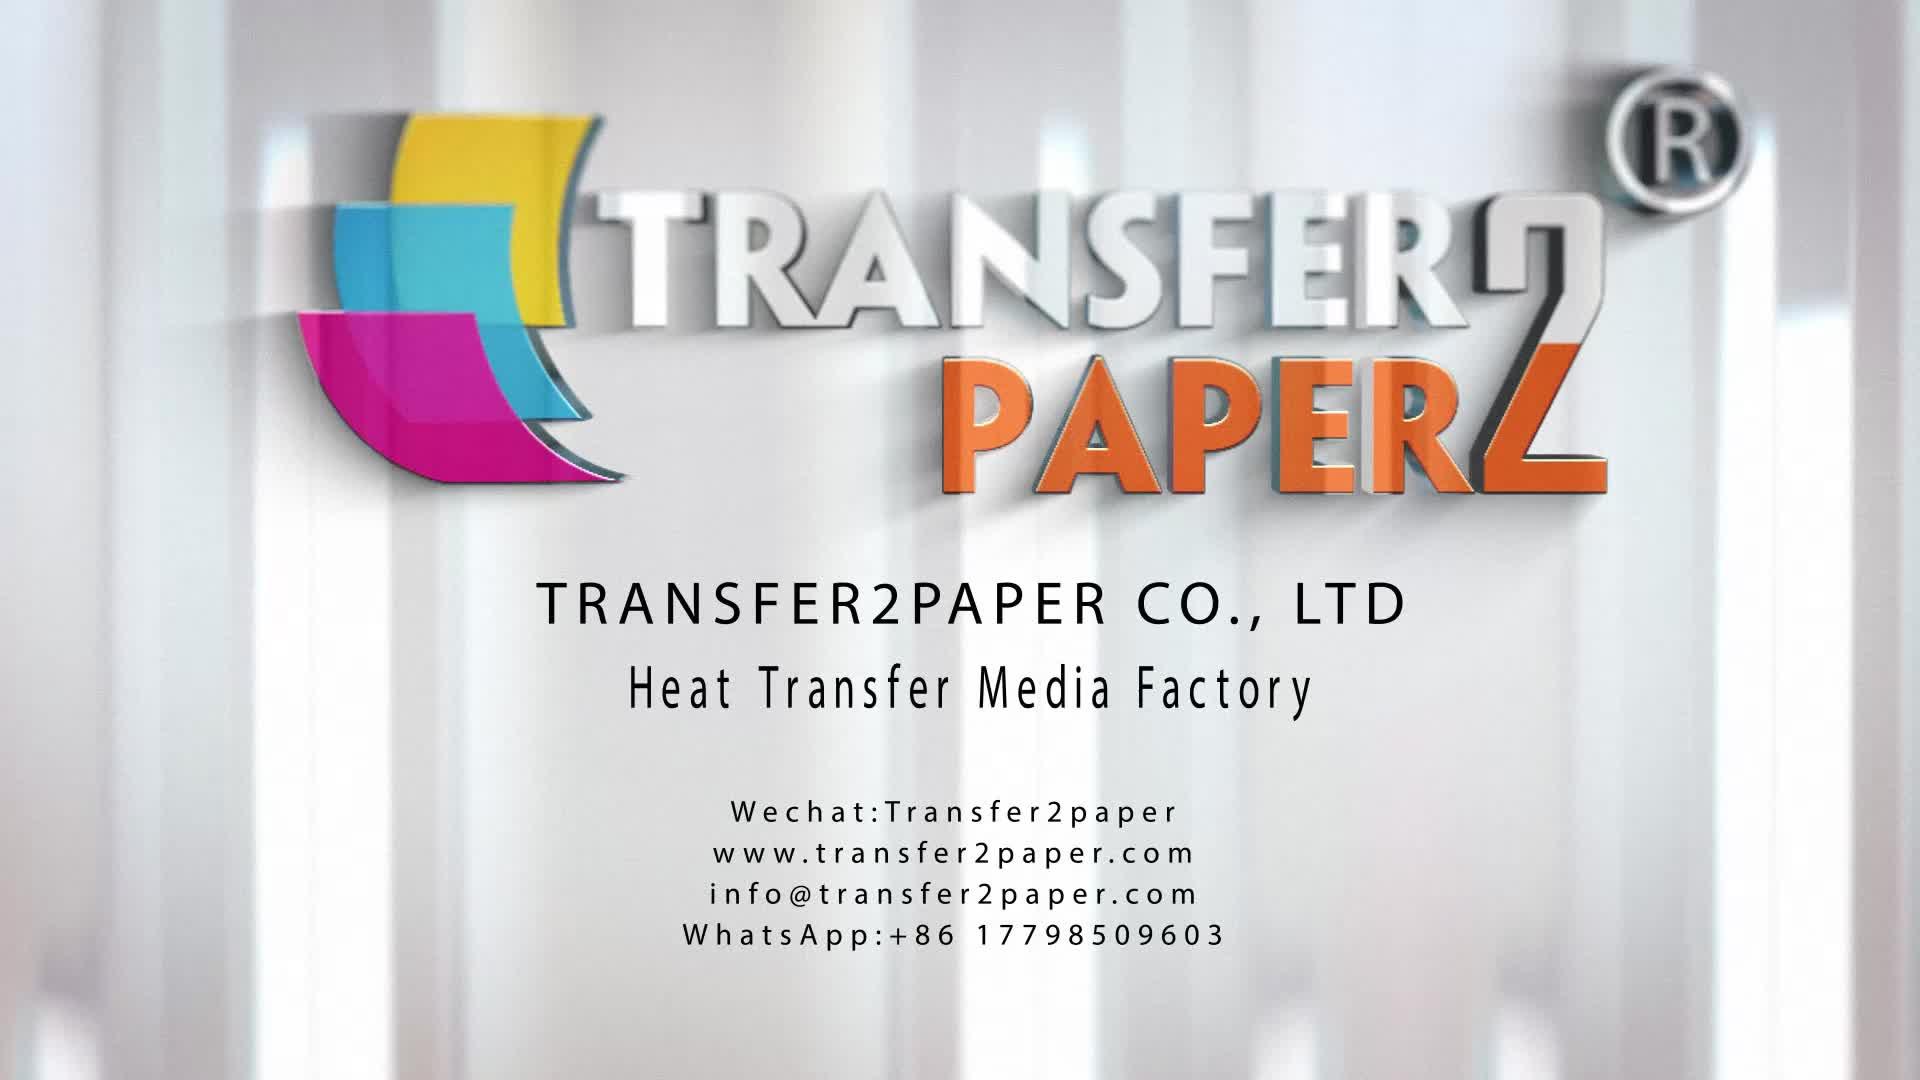 Luz t-shirt de transferência de calor papel a4 suave estiramento alta elástica fácil de impressão cor brilhante A4 A3 papel de transferência de t camisa impressão